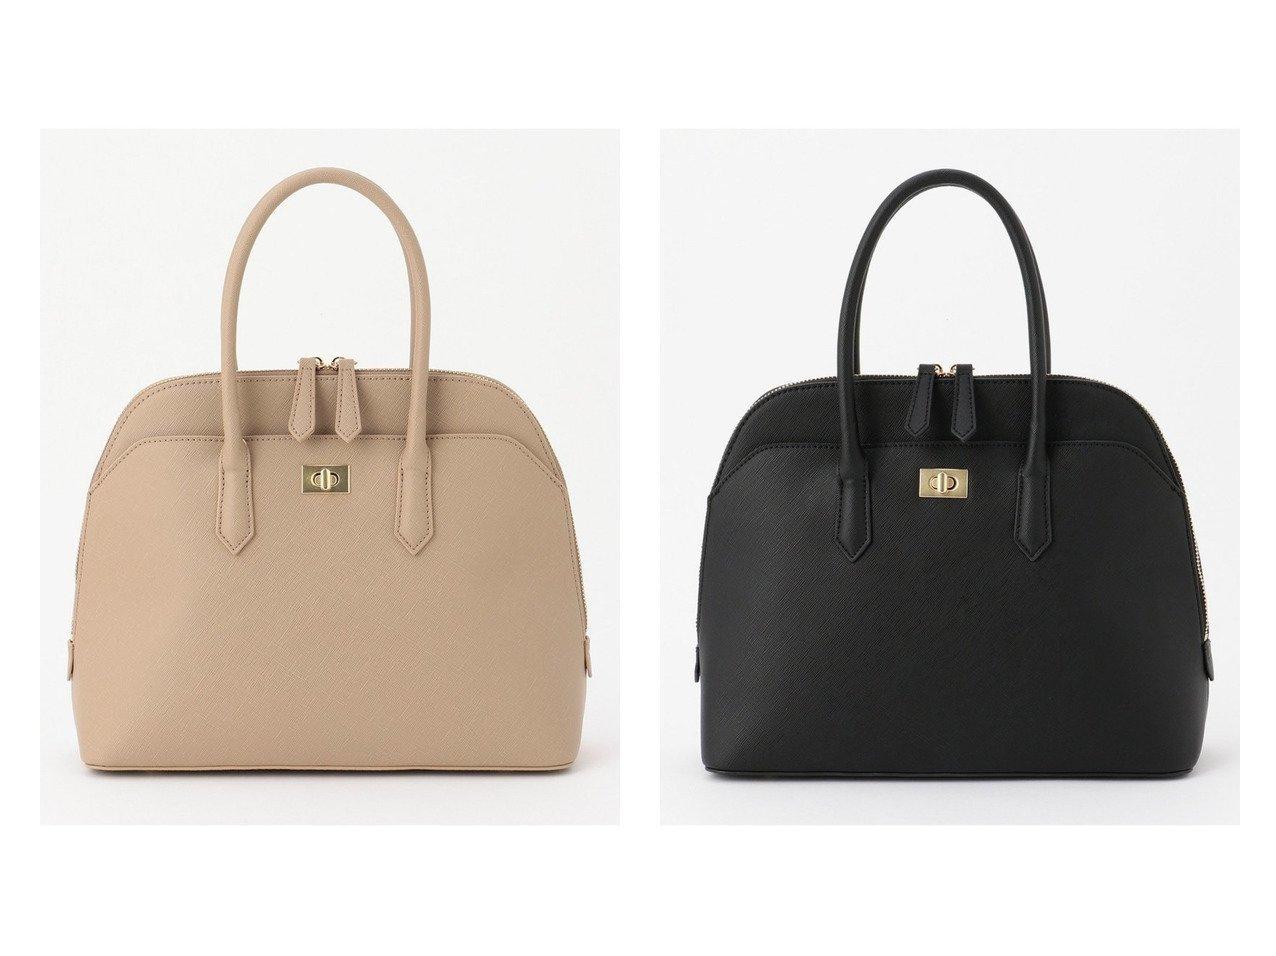 【J.PRESS/ジェイ プレス】の【2WAY】クラシカルアーチ ハンドバッグ バッグ・鞄のおすすめ!人気、トレンド・レディースファッションの通販 おすすめで人気の流行・トレンド、ファッションの通販商品 メンズファッション・キッズファッション・インテリア・家具・レディースファッション・服の通販 founy(ファニー) https://founy.com/ ファッション Fashion レディースファッション WOMEN バッグ Bag NEW・新作・新着・新入荷 New Arrivals クラシカル ショルダー スマート ハンドバッグ フェイクレザー フロント ポケット メタル |ID:crp329100000015346